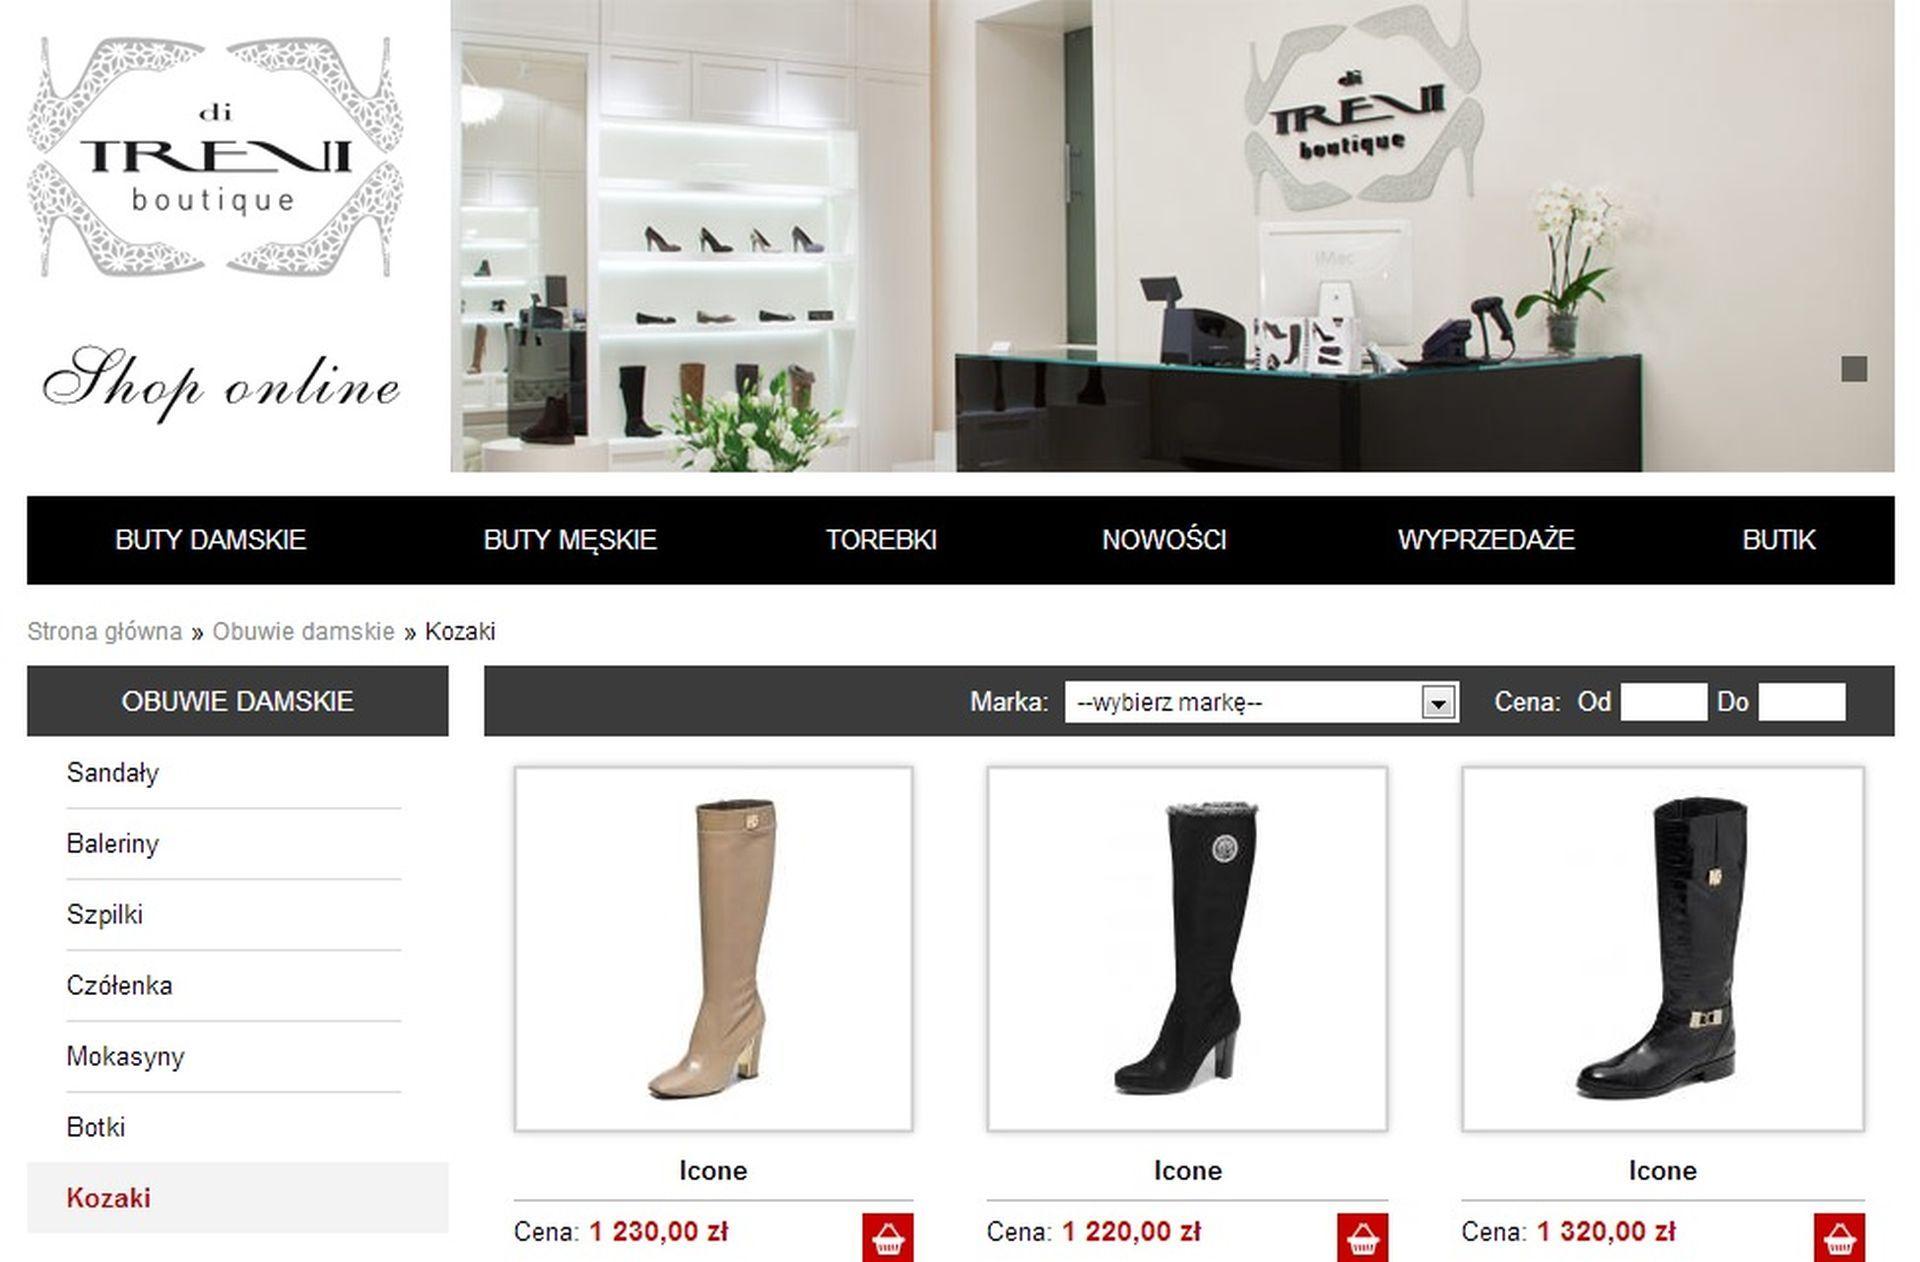 di Trevi boutique już online!